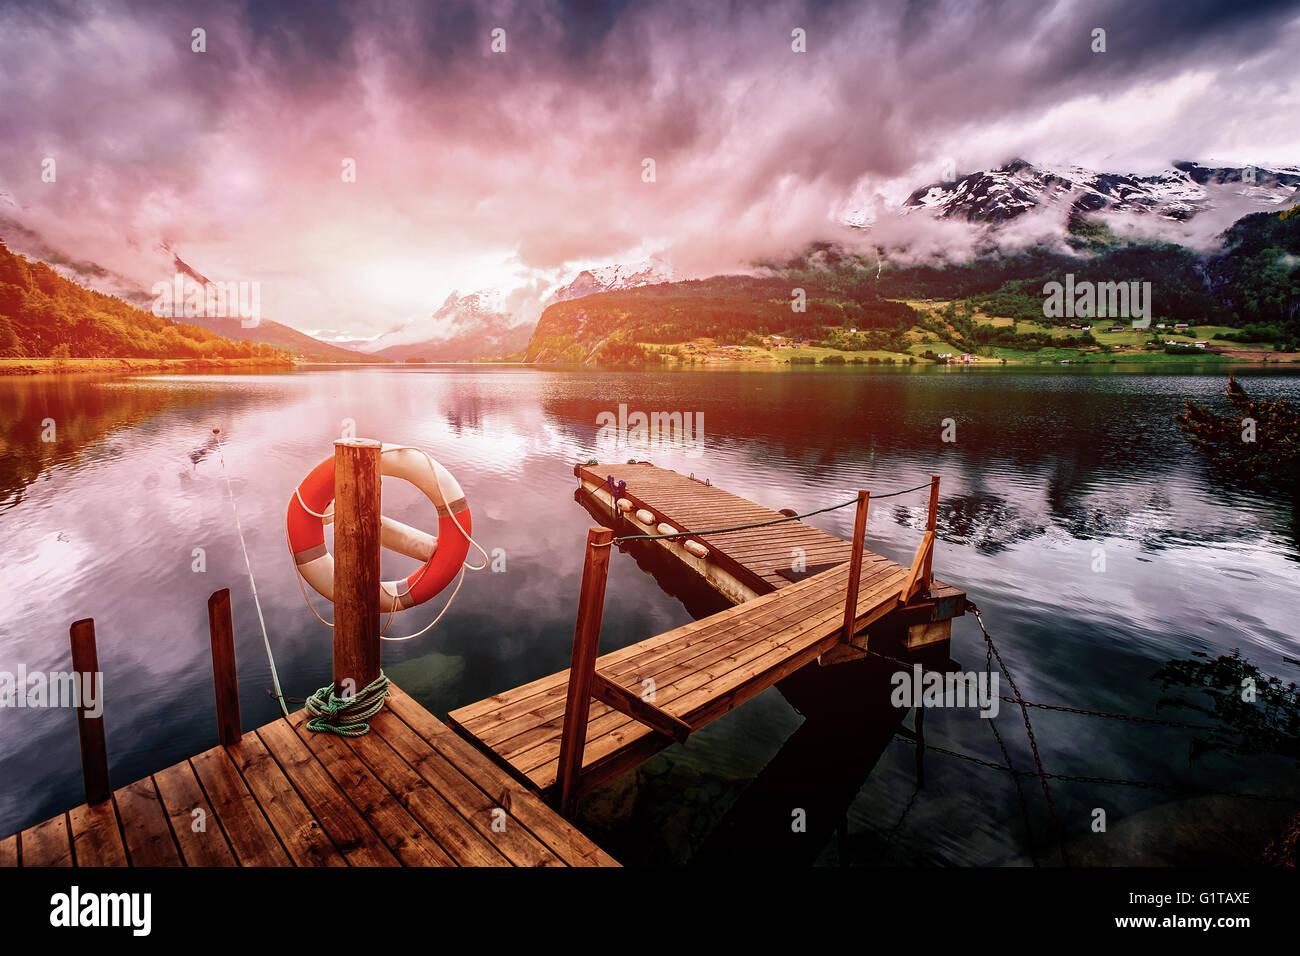 Wunderschöne Natur Norwegen Naturlandschaft. Filter in der Postproduktion angewendet. Stockbild